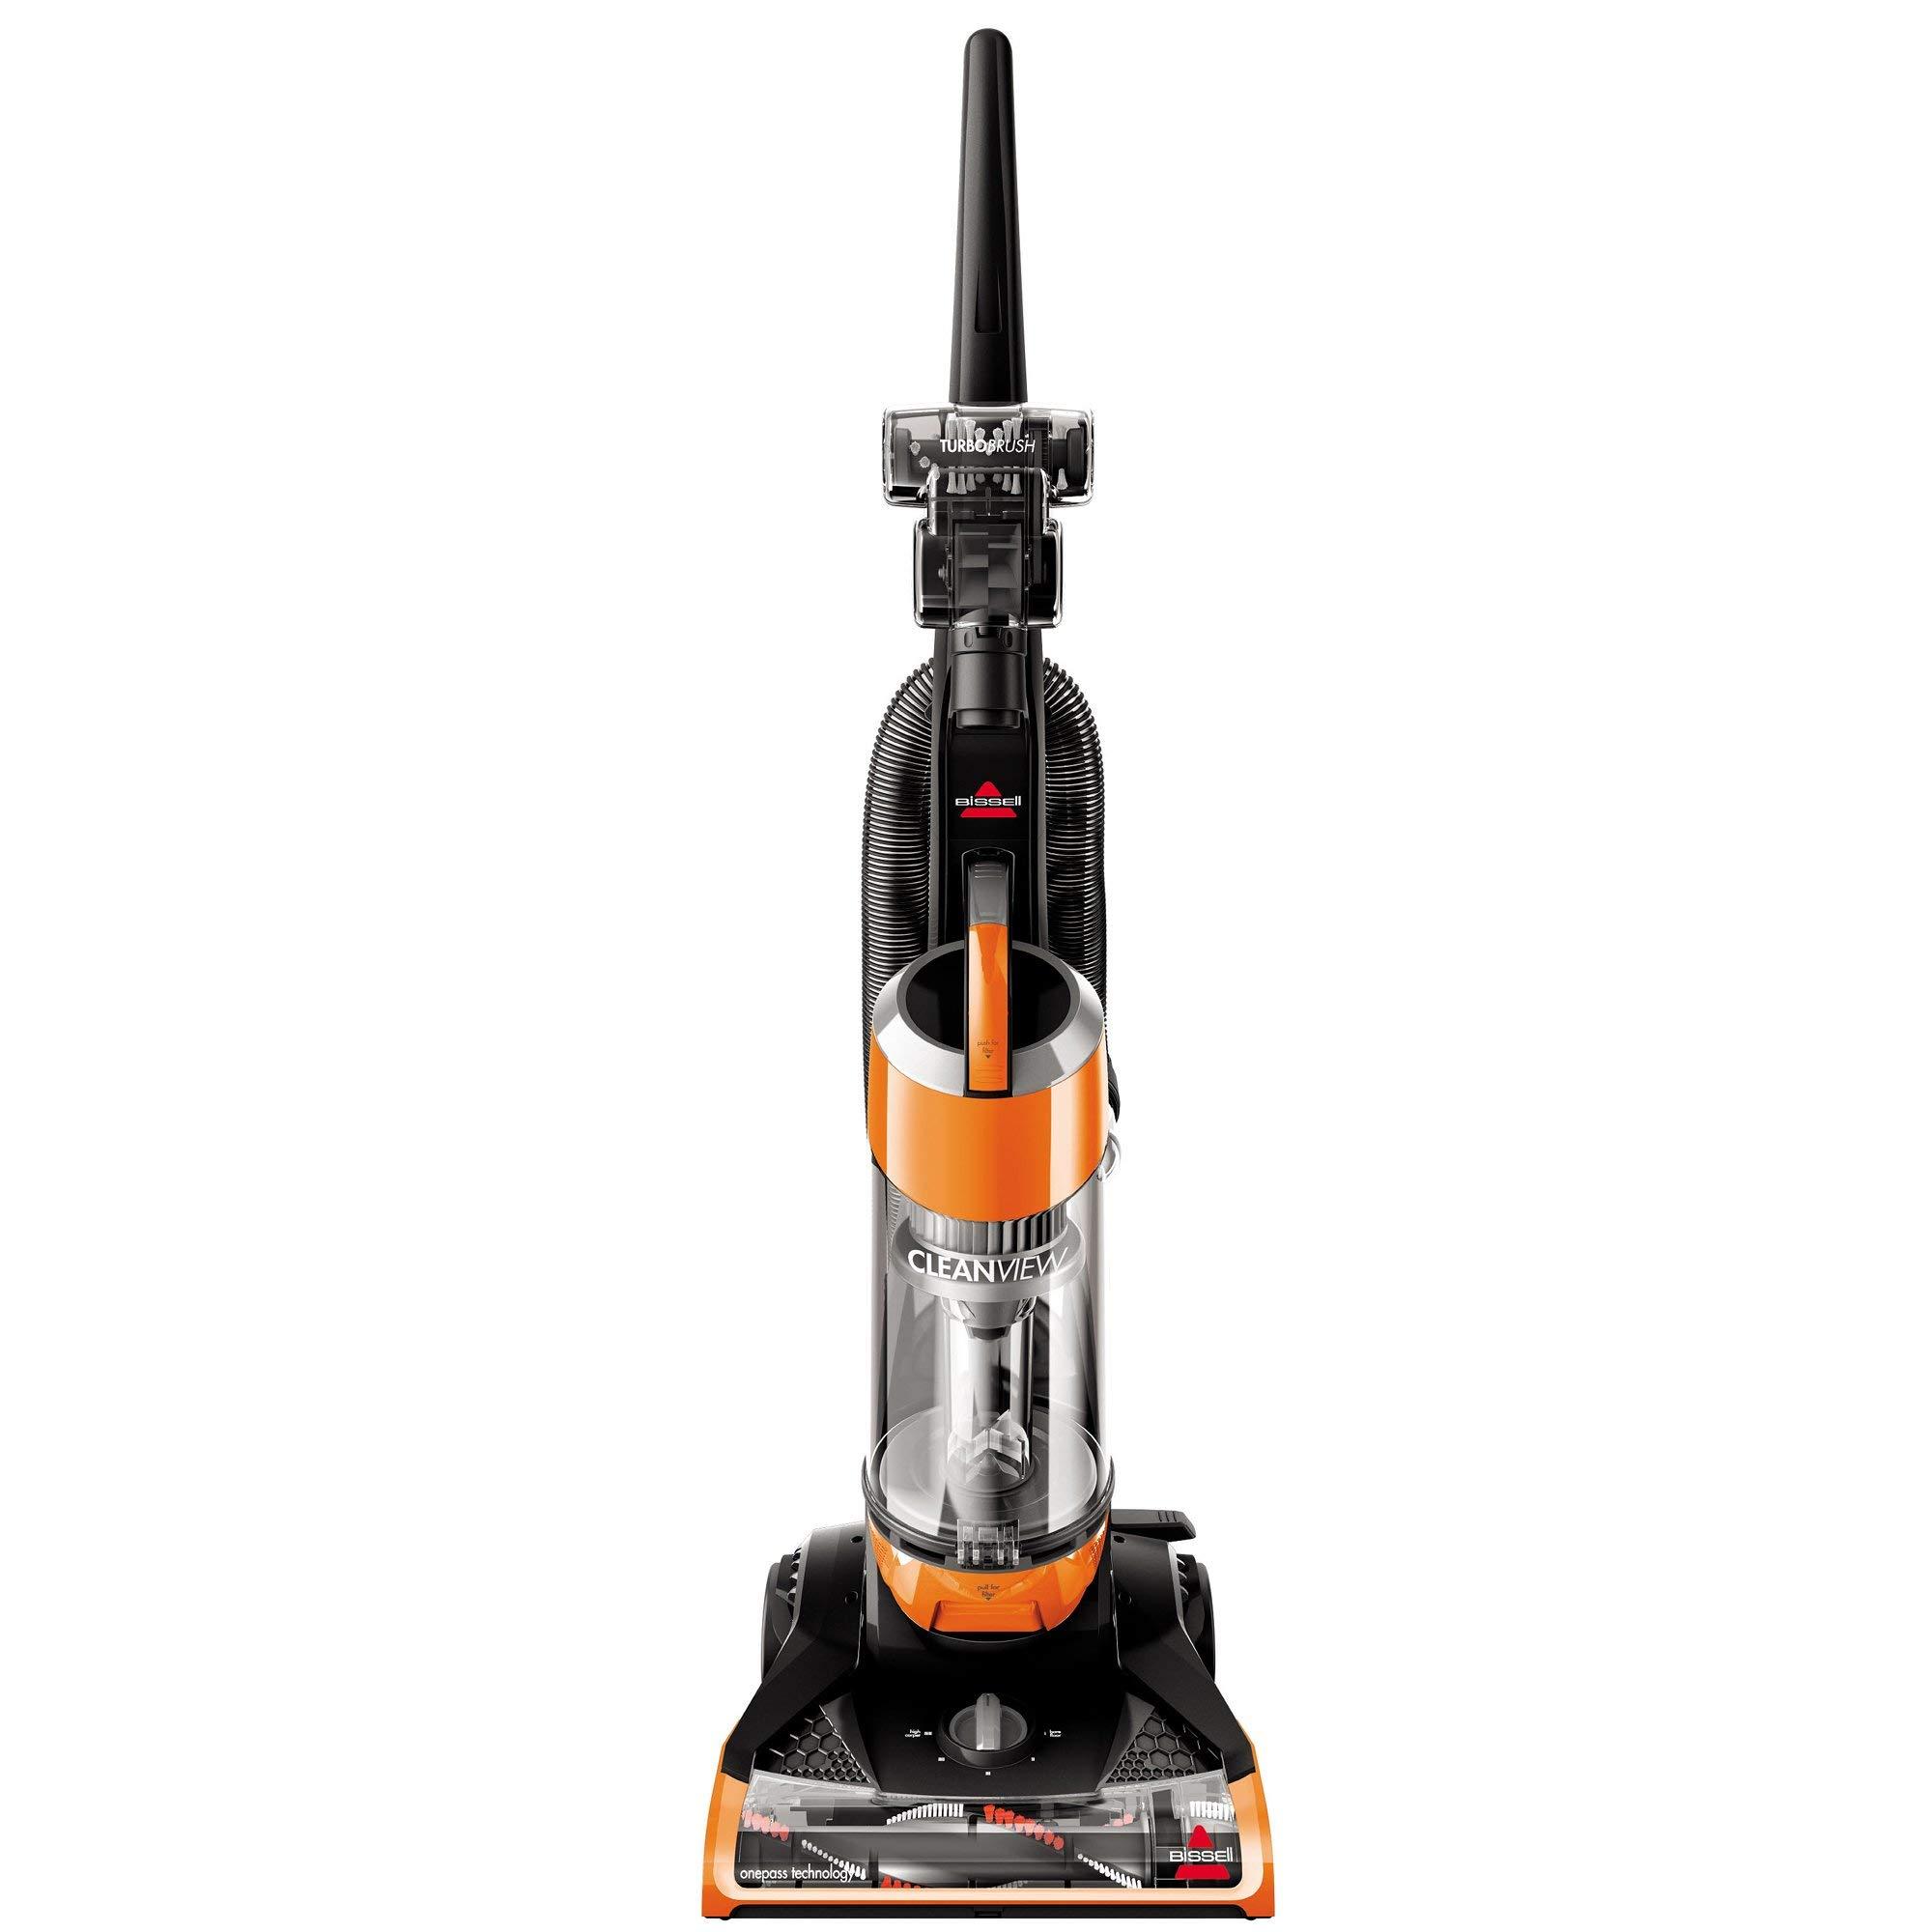 Bissell Cleanview Upright Bagless Vacuum, 1, Orange (Renewed)